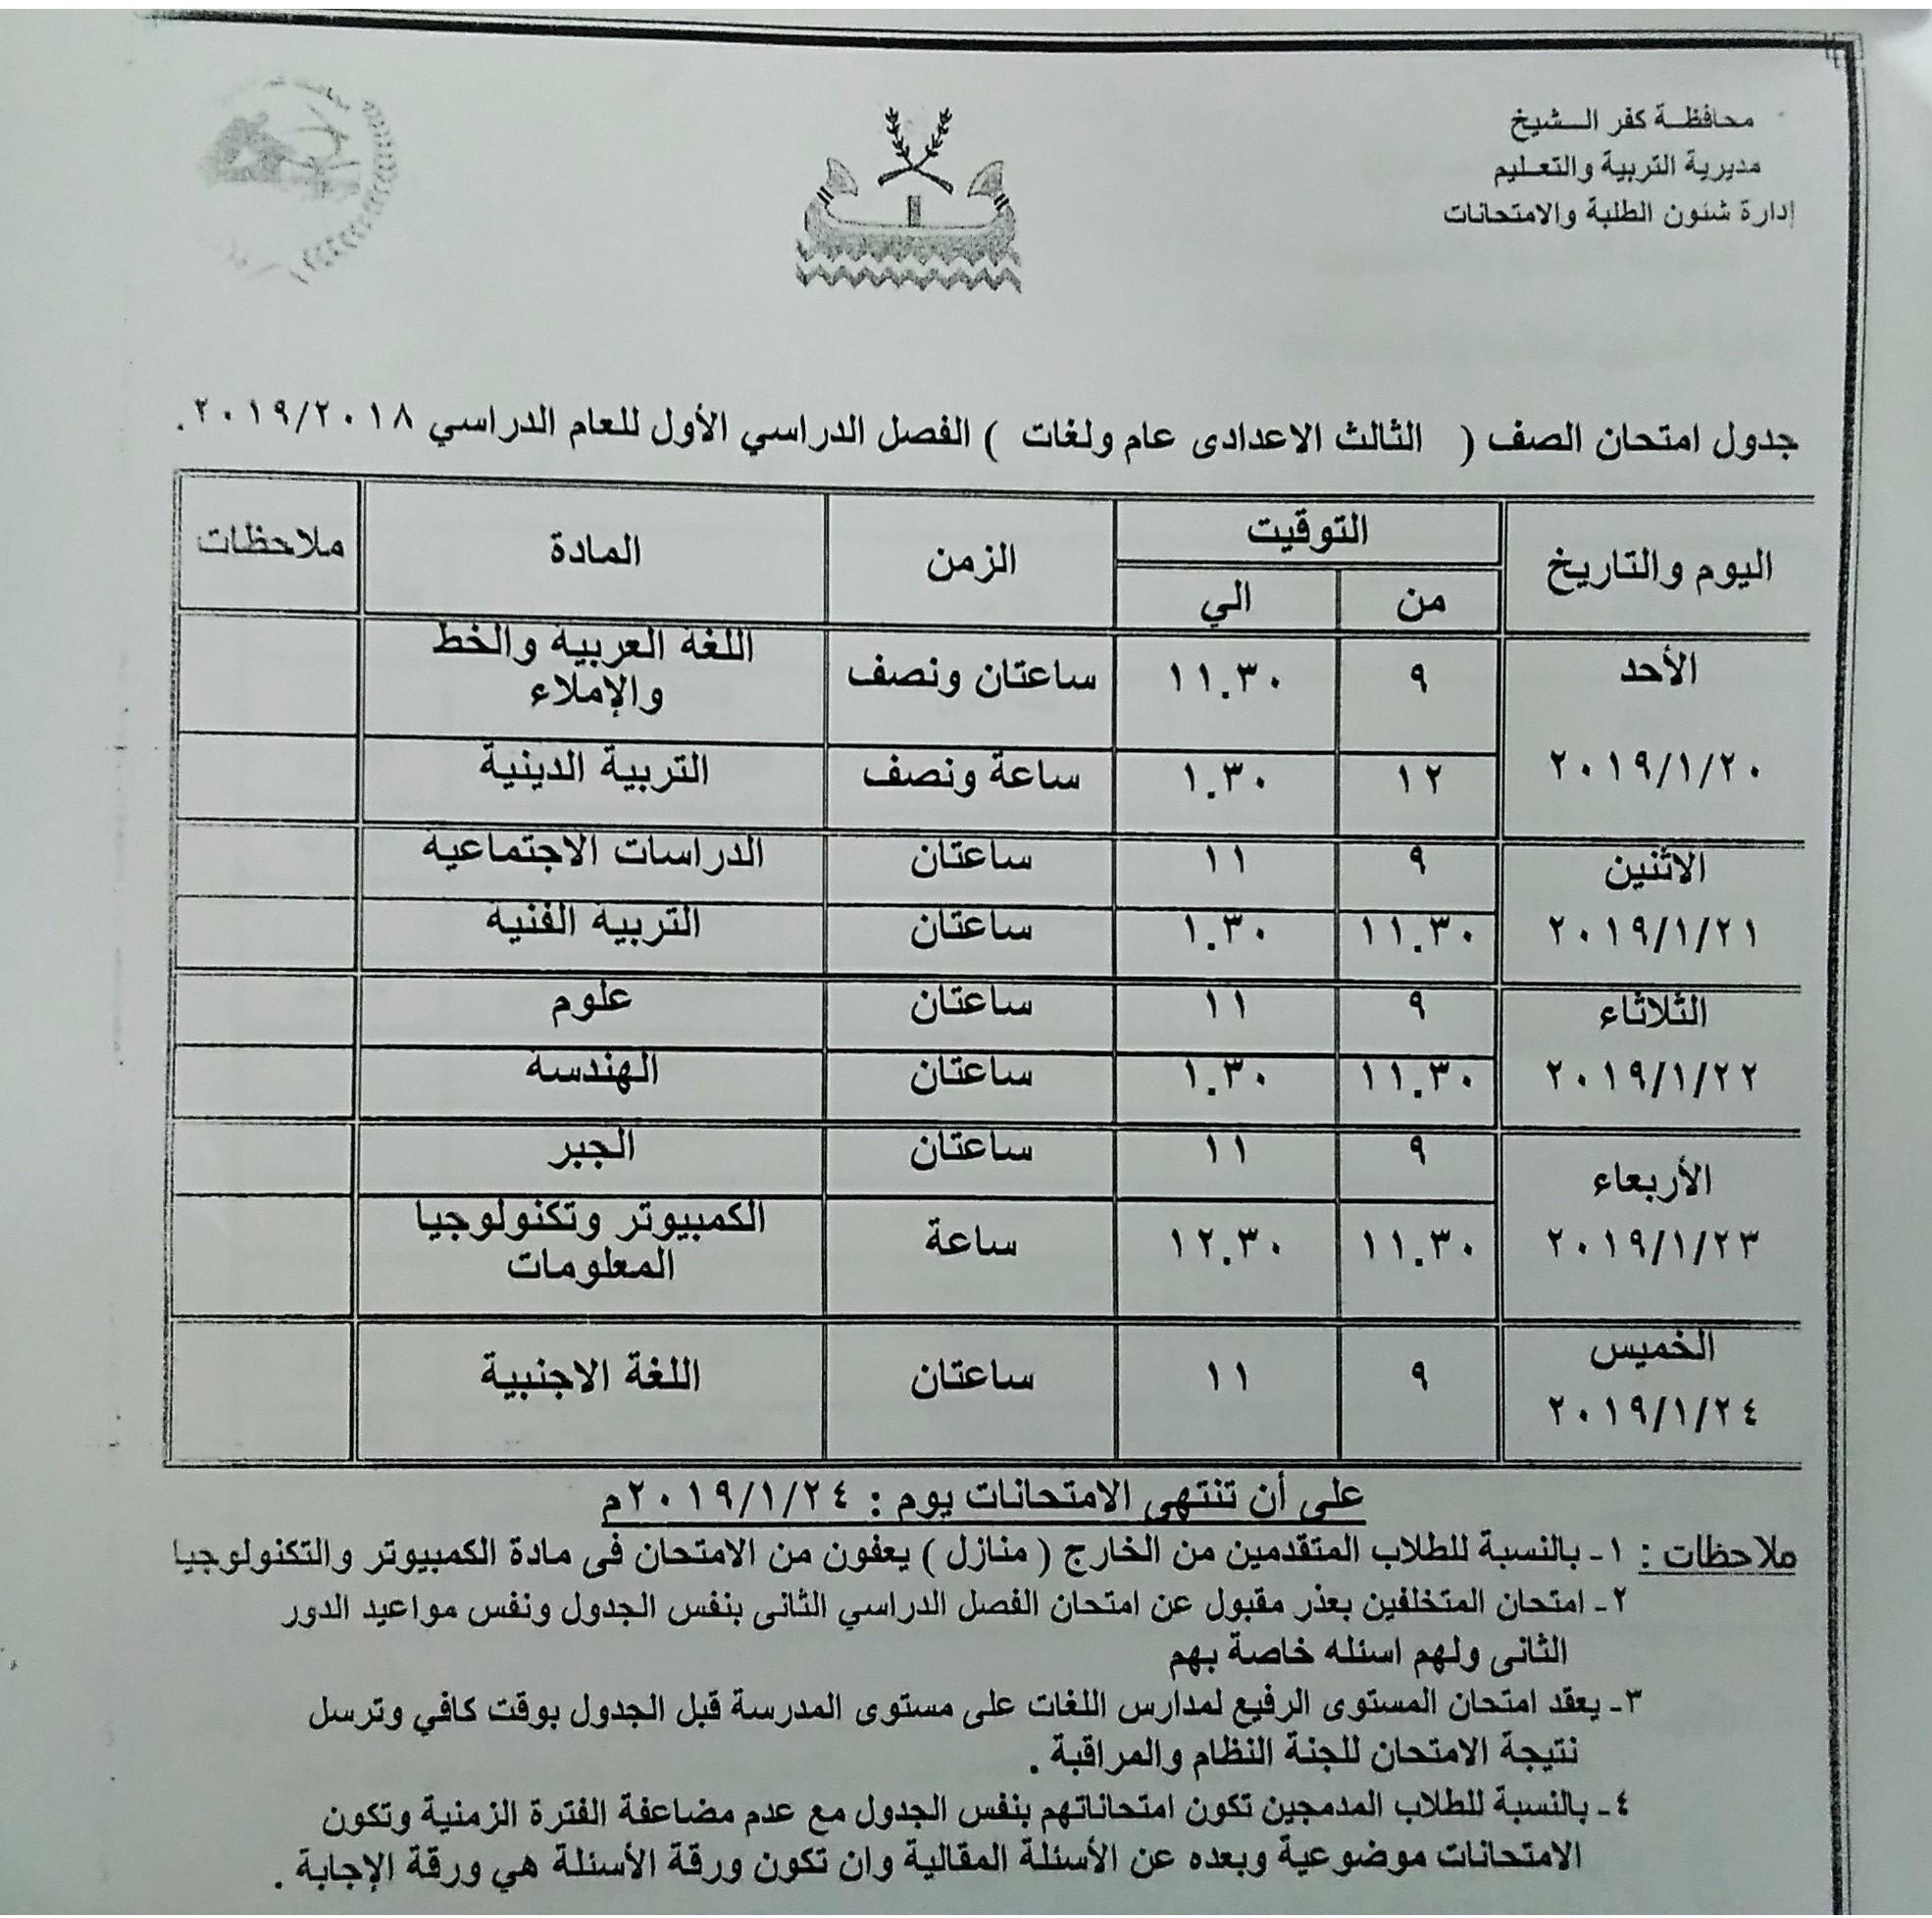 2- جدول امتحان الشهادة الاعدادية العامة